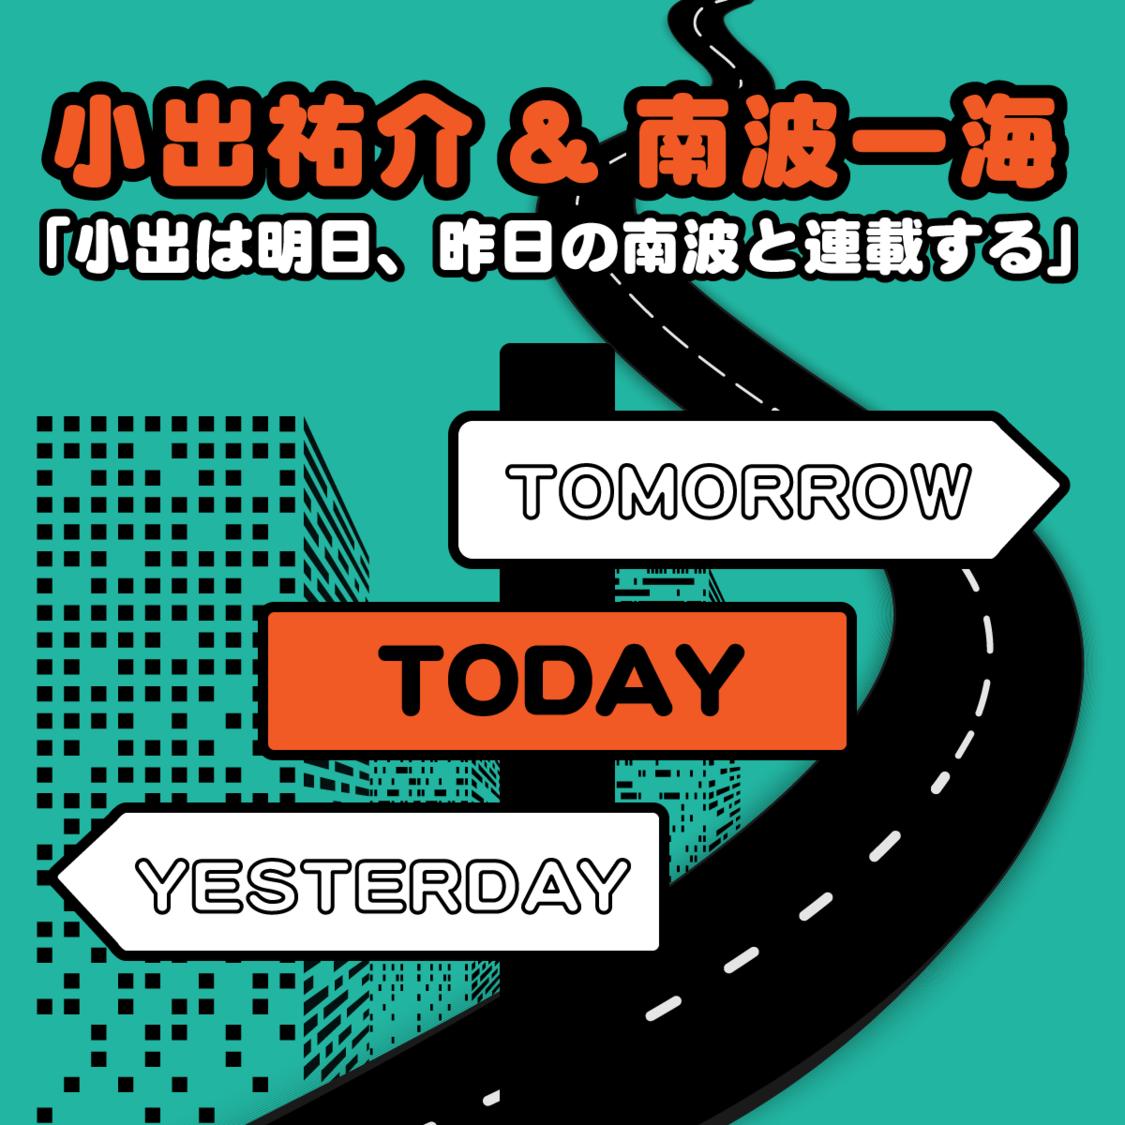 第4回:Especia〜小出祐介&南波一海「小出は明日、昨日の南波と連載する」 〜